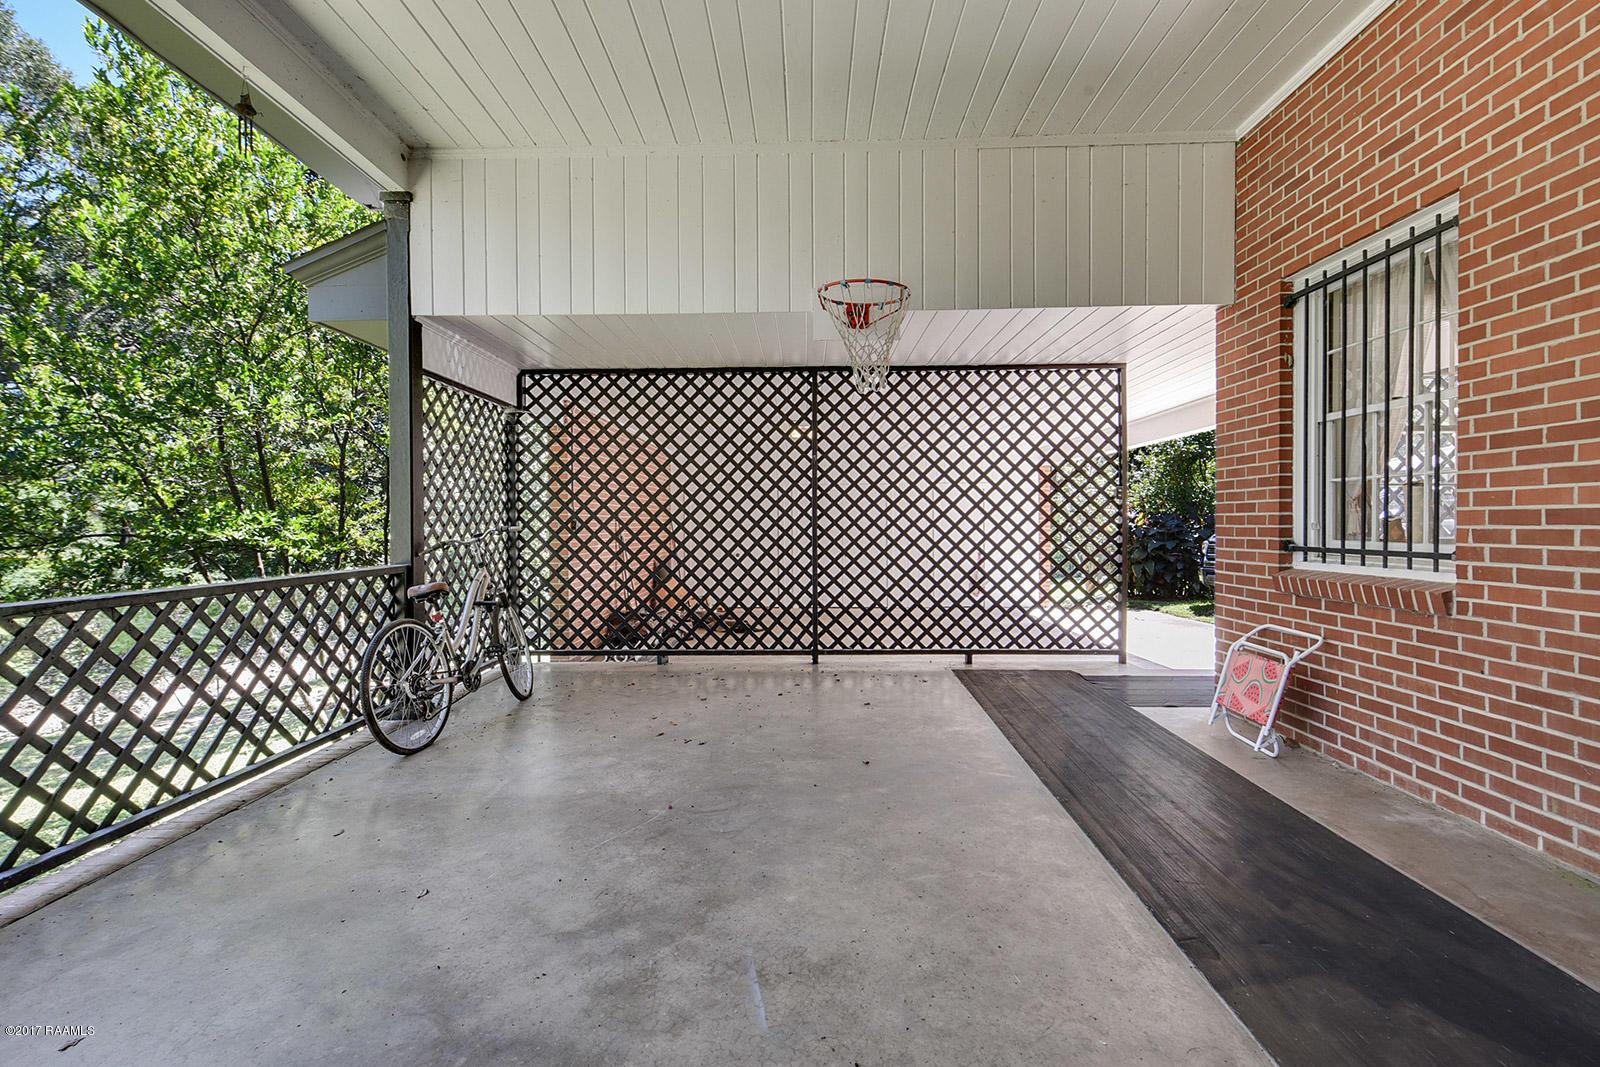 145 Girard Woods Drive, Lafayette, LA 70503 Photo #22